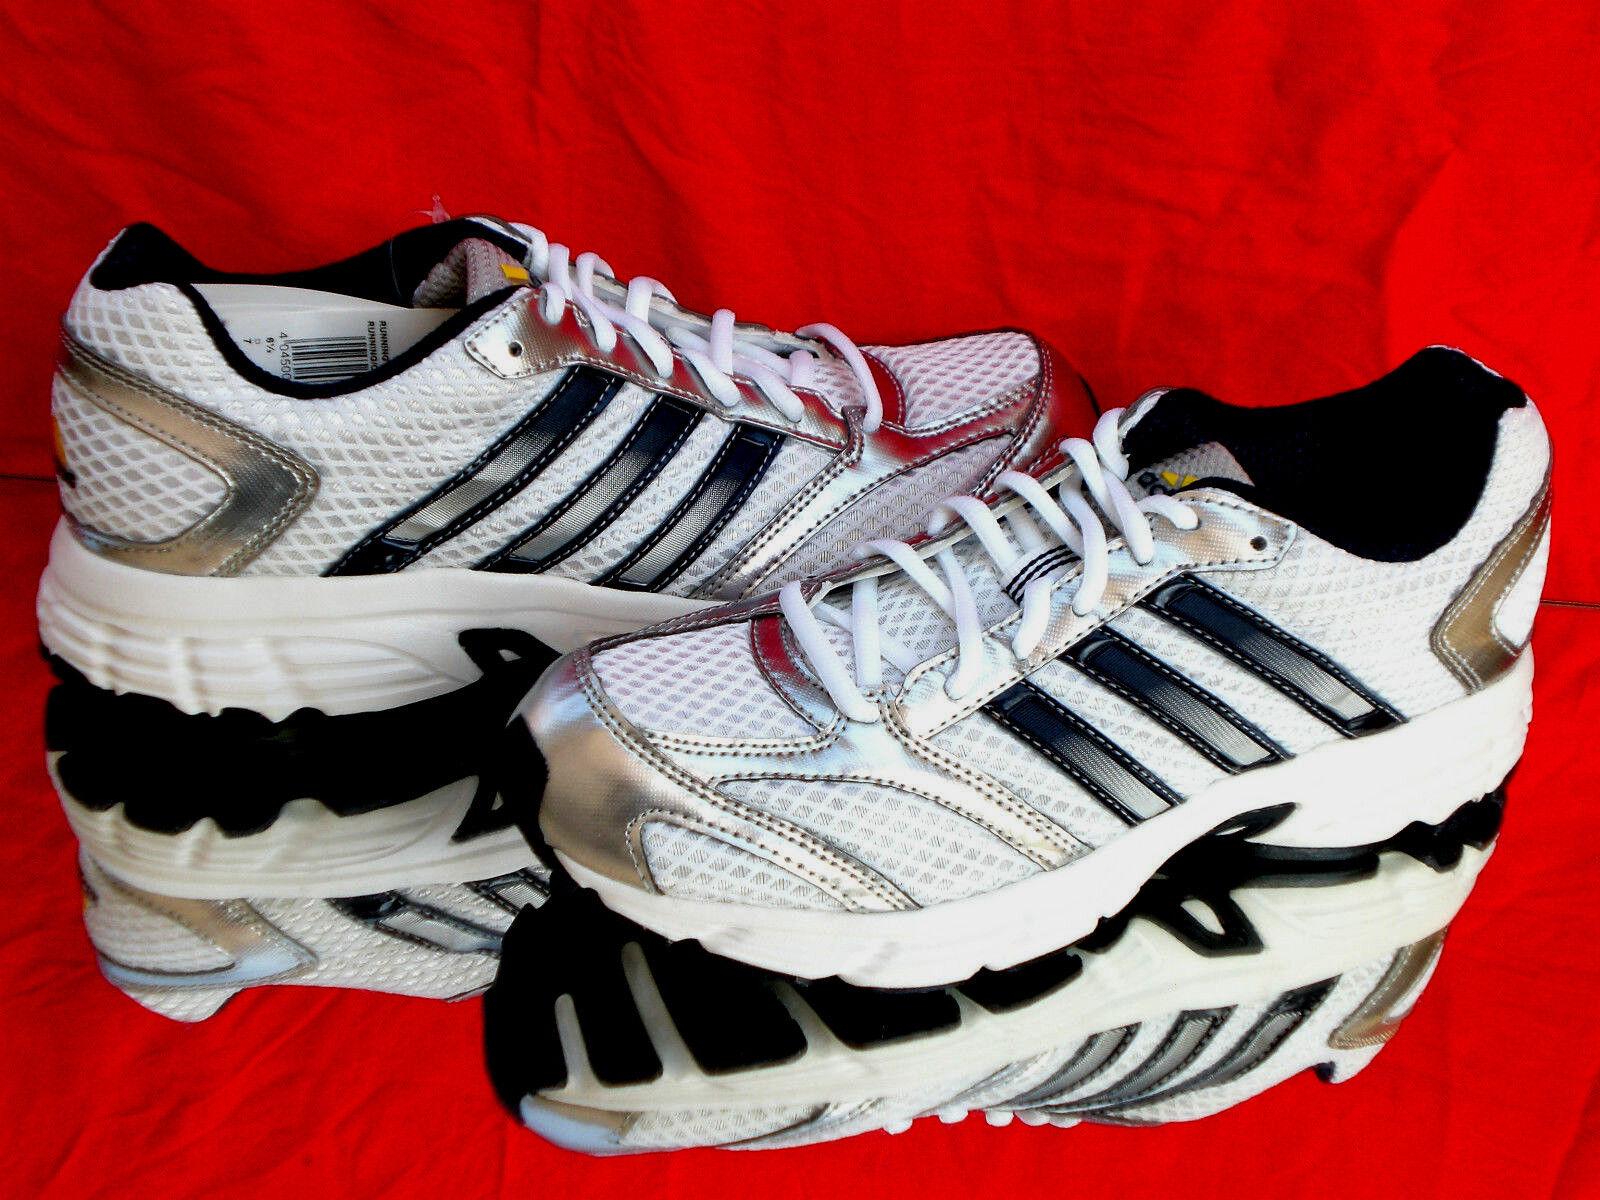 Adidas U42363 Vanguish 5 M U42363 Adidas Herren Laufschuhe  40-49 1/3 Neu a42f42